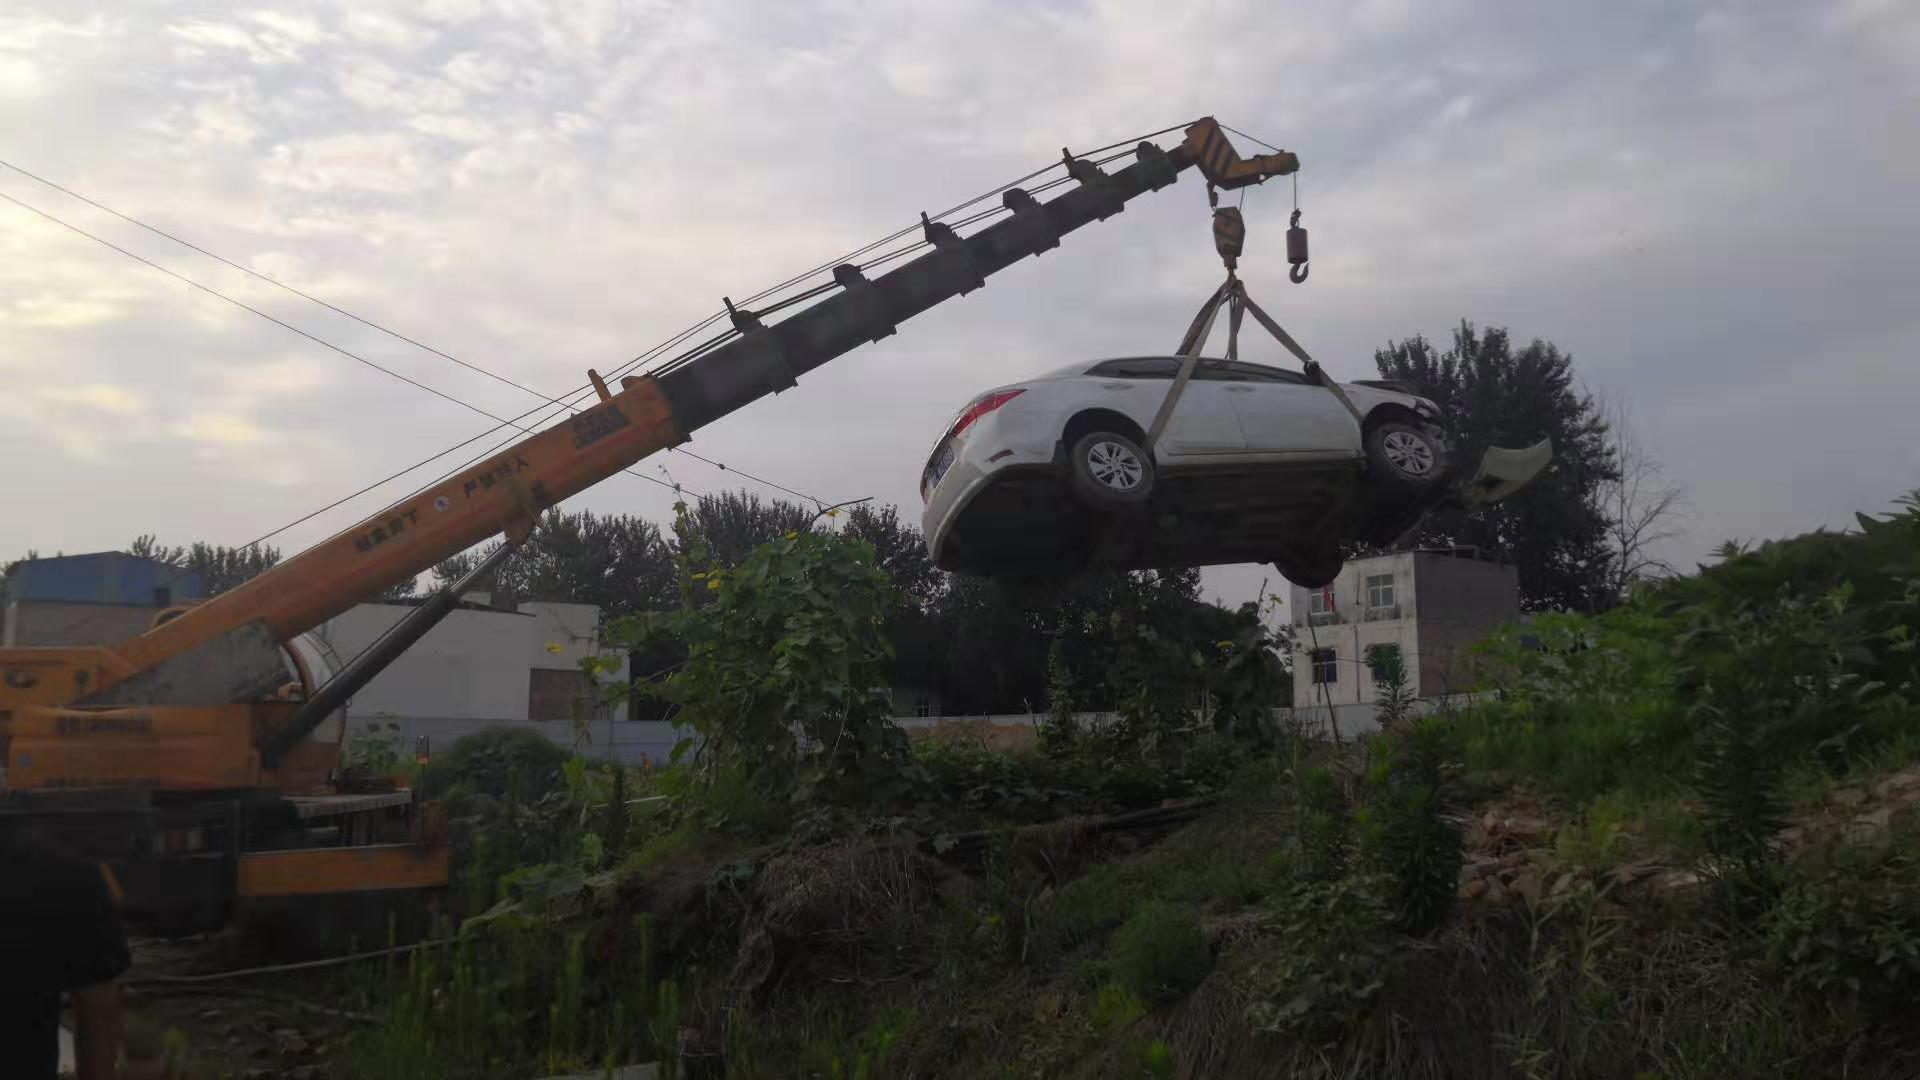 7月3日,河南漯河市郾城區小李莊棚改項目發生一村民開車撞死拆遷官員血案。圖為事發現場王某的車。(受訪者提供)